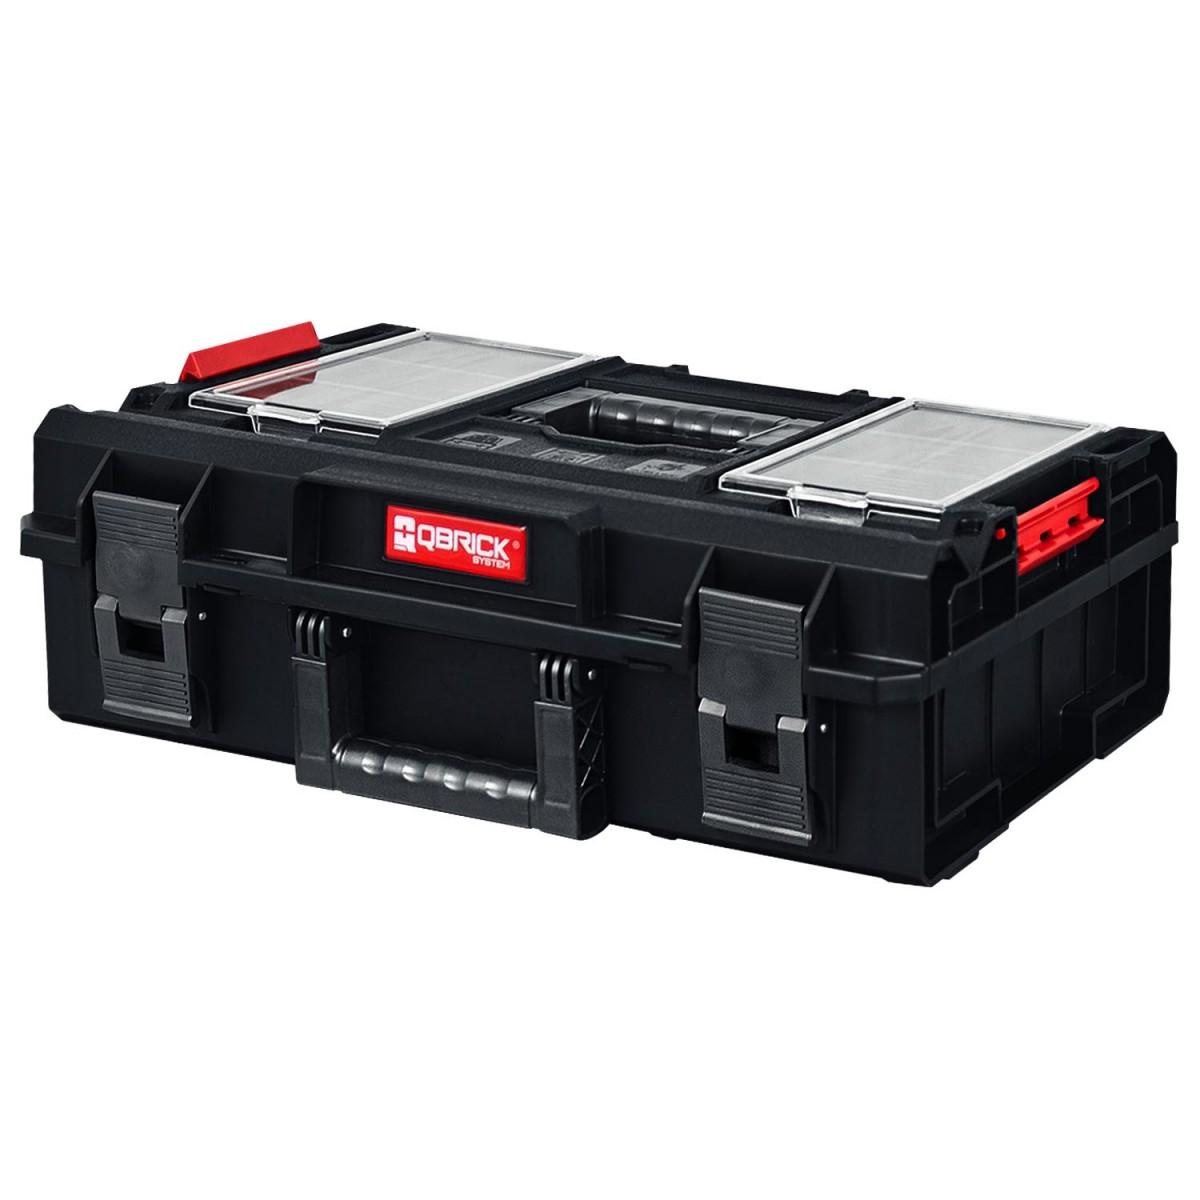 Kufr na nářadí Box QBRICK® System ONE 200 Profi